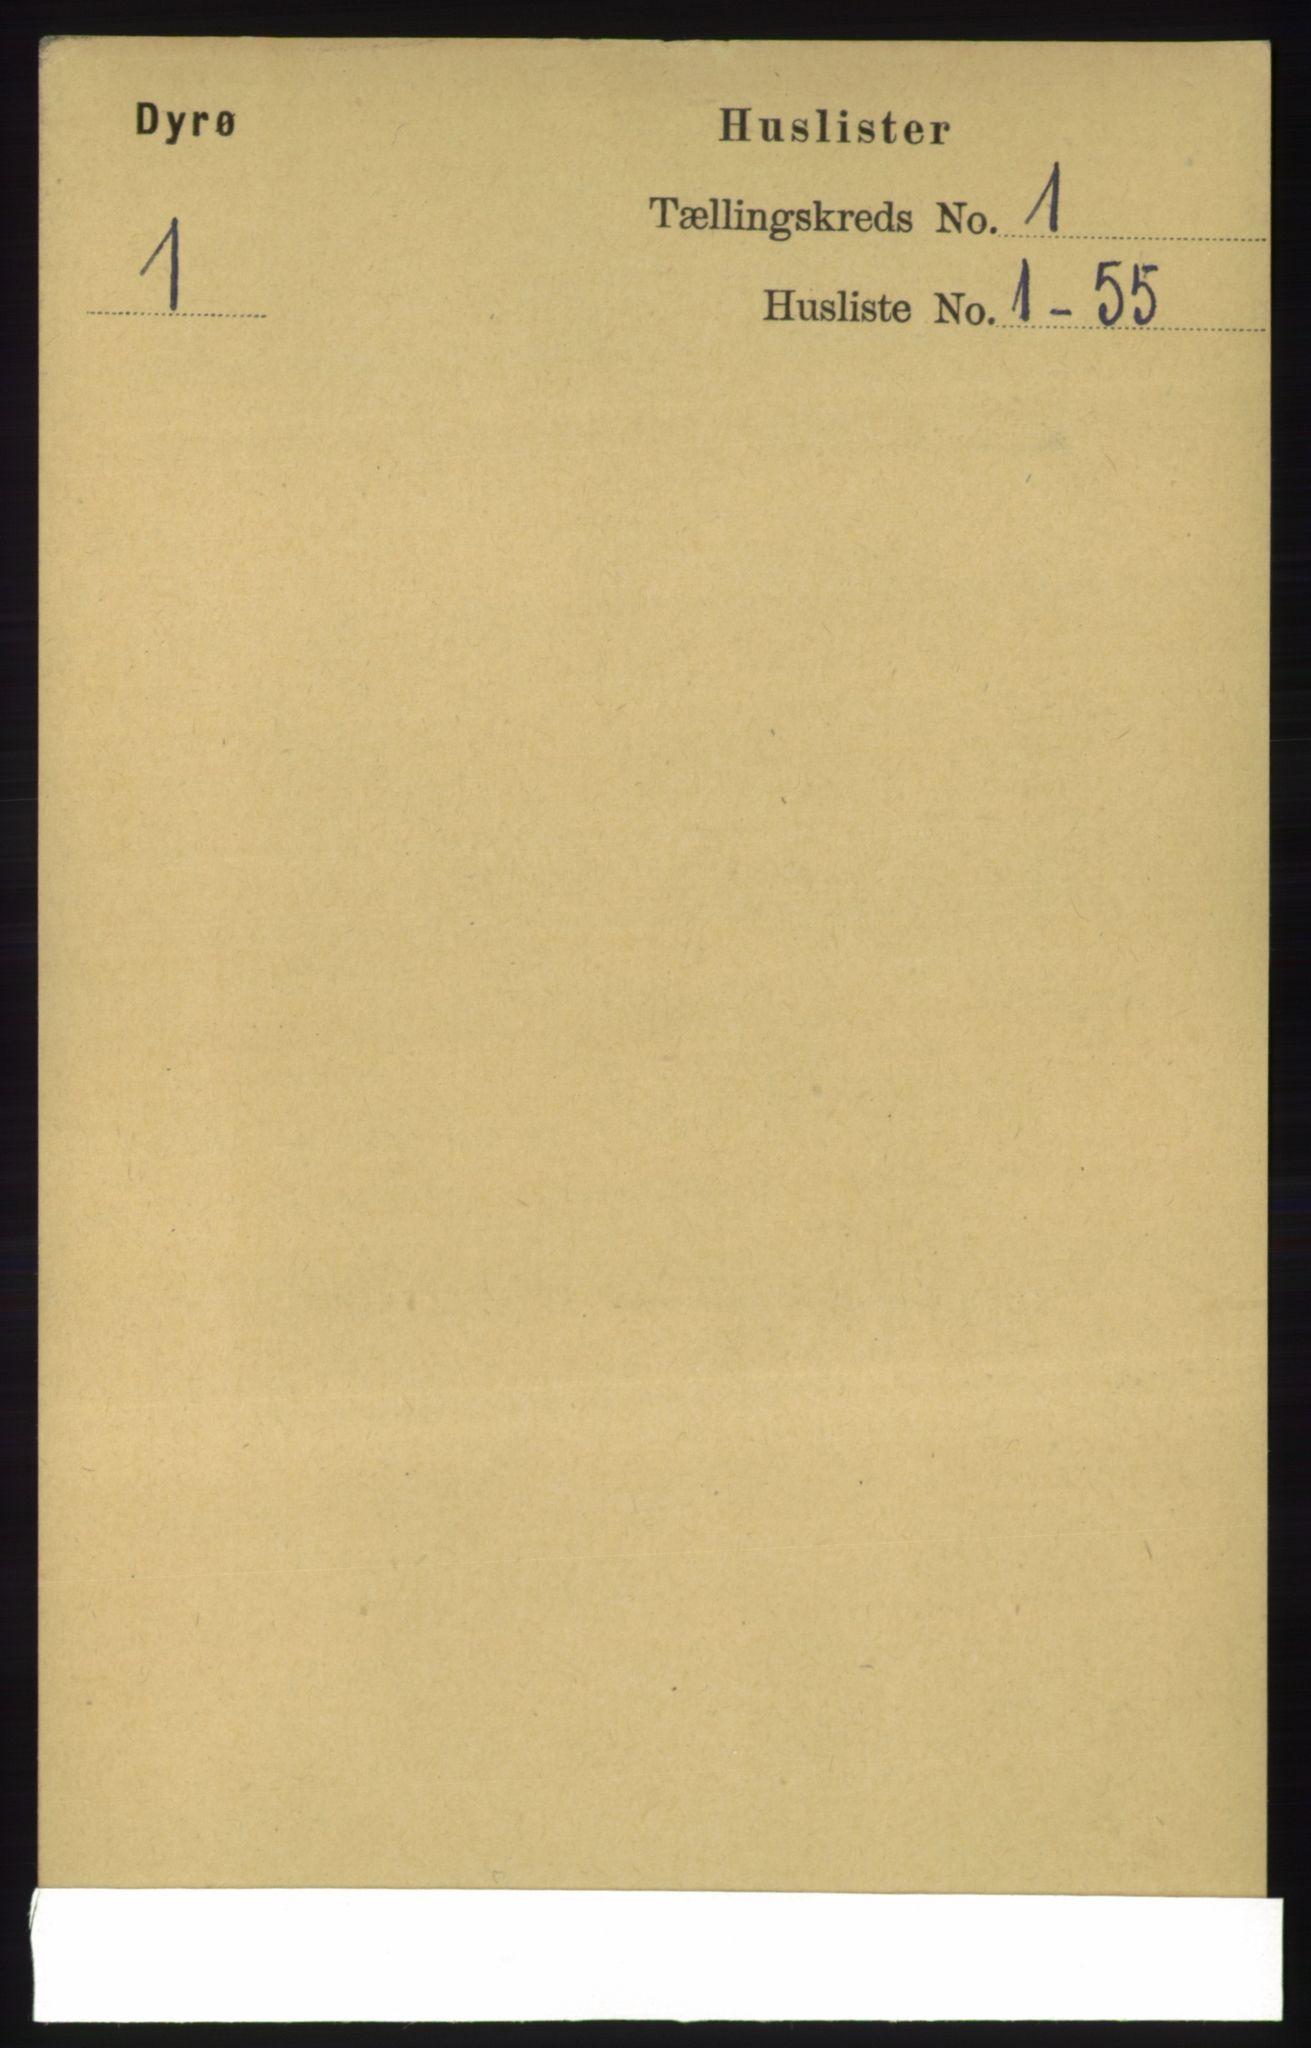 RA, Folketelling 1891 for 1926 Dyrøy herred, 1891, s. 15